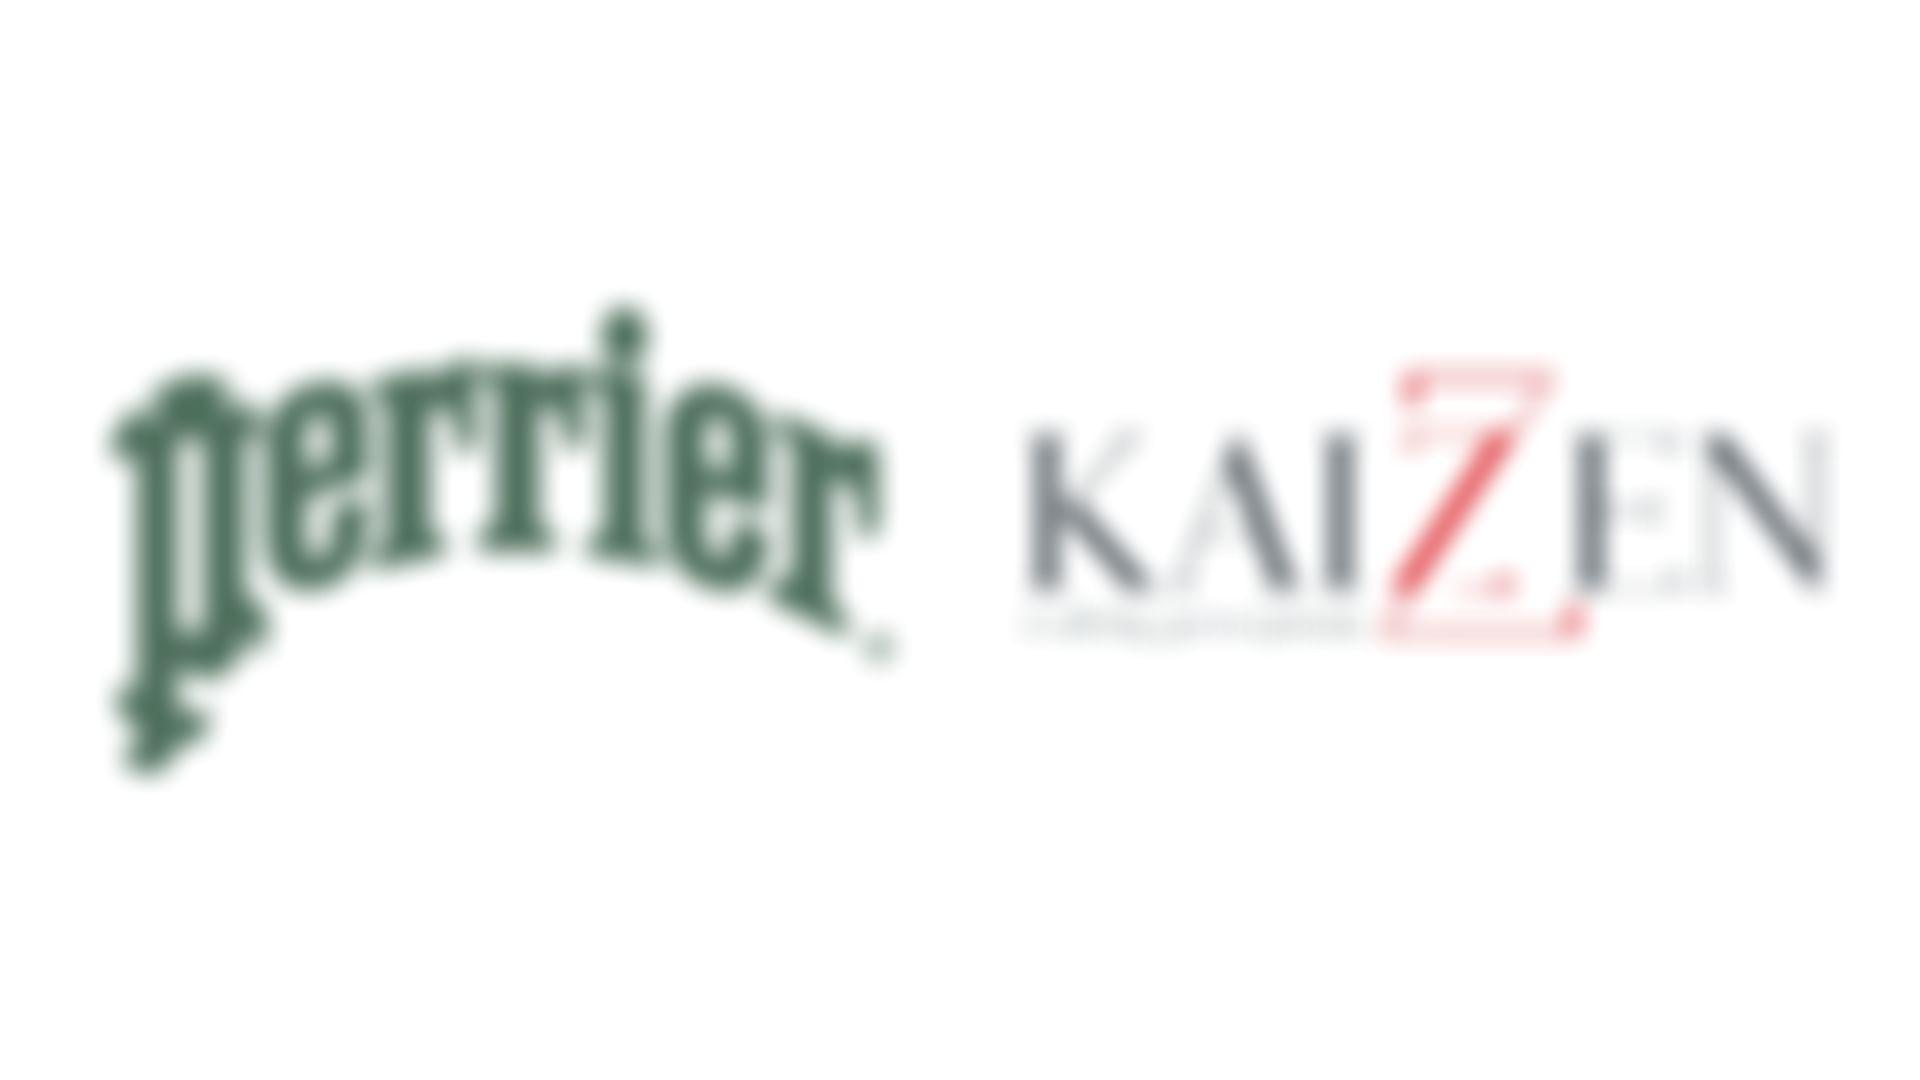 kaizzen